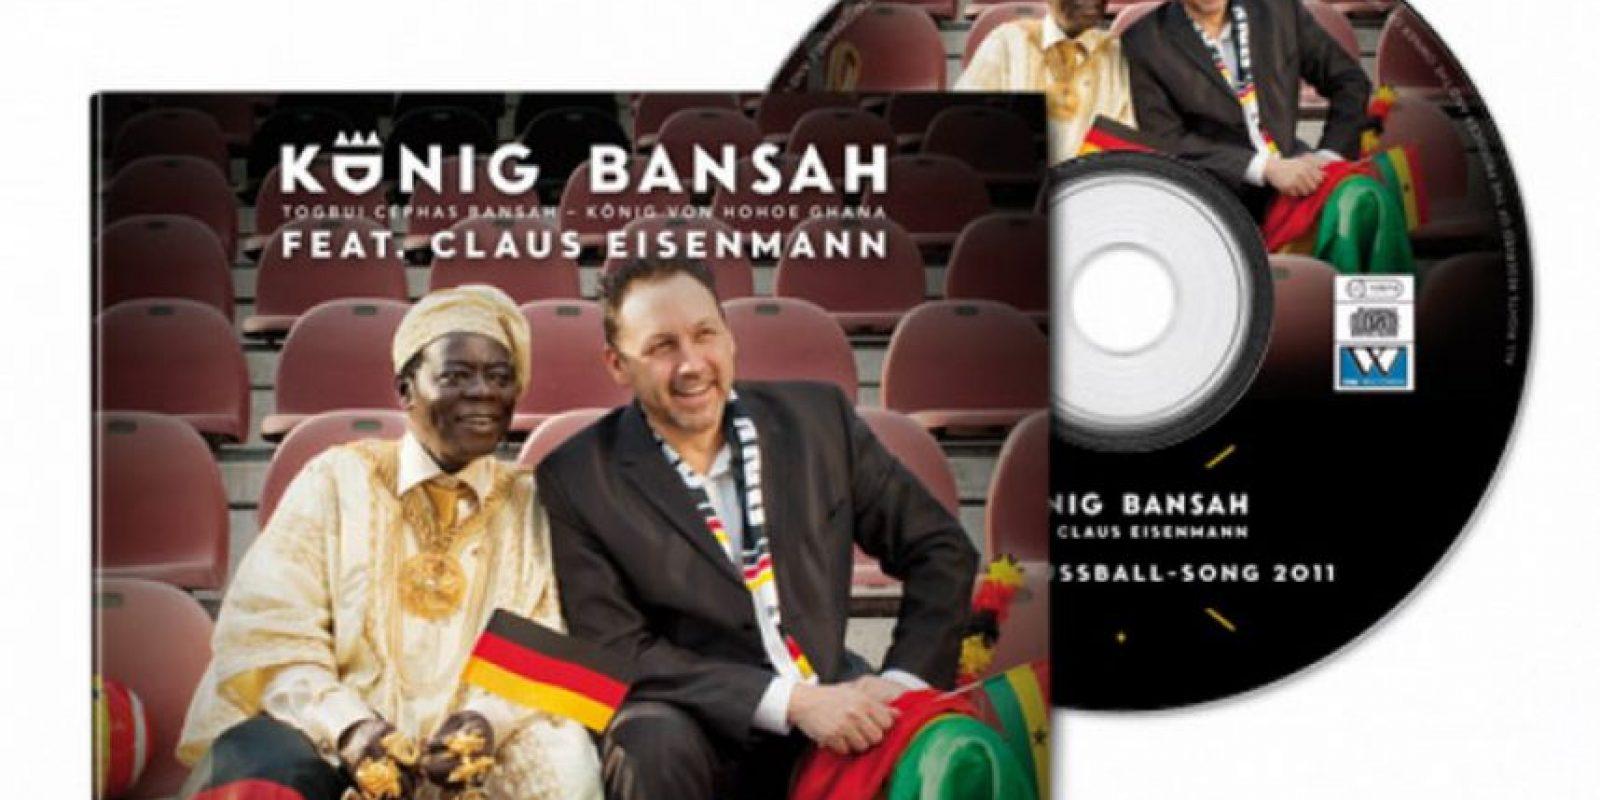 """Ha producido y publicado seis CDs de música, incluyendo una versión de """"O Tannenbaum"""" en su lengua materna, y su canción Copa del Mundo 2006 """"Rey de Fútbol"""". Foto:Twitter"""